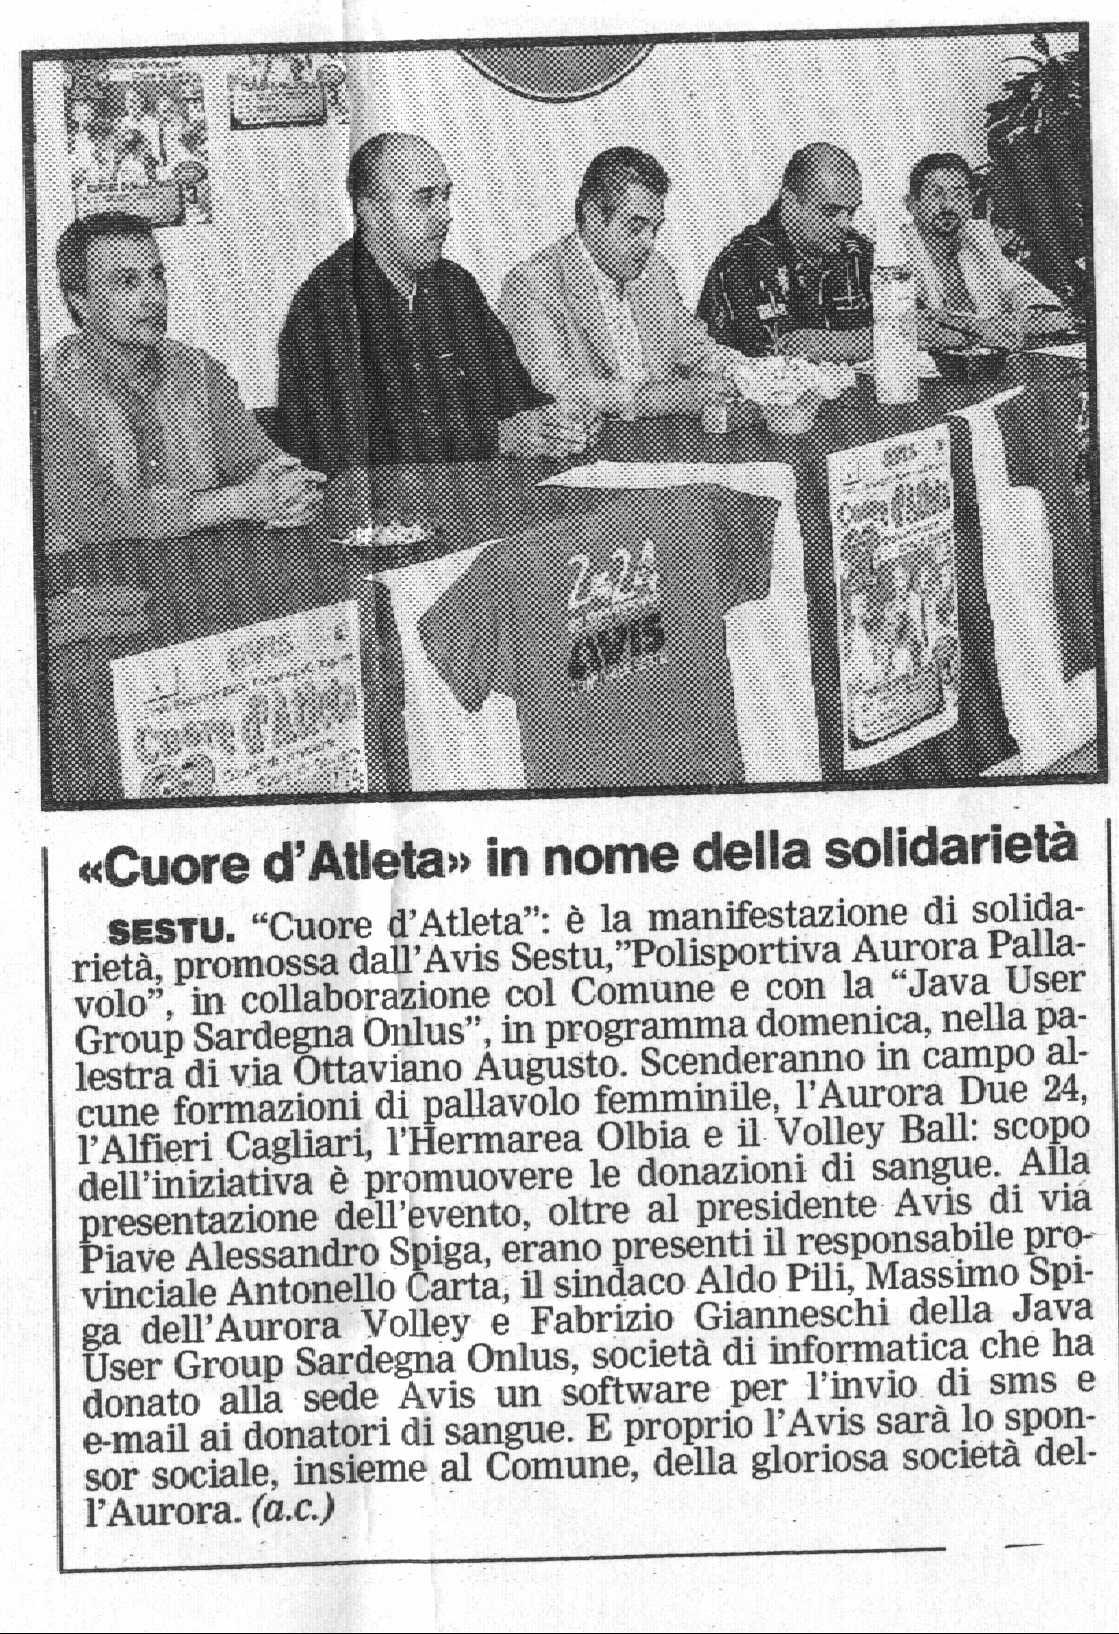 Articolo de La Nuova Sardegna del 4 Ottobre 2005